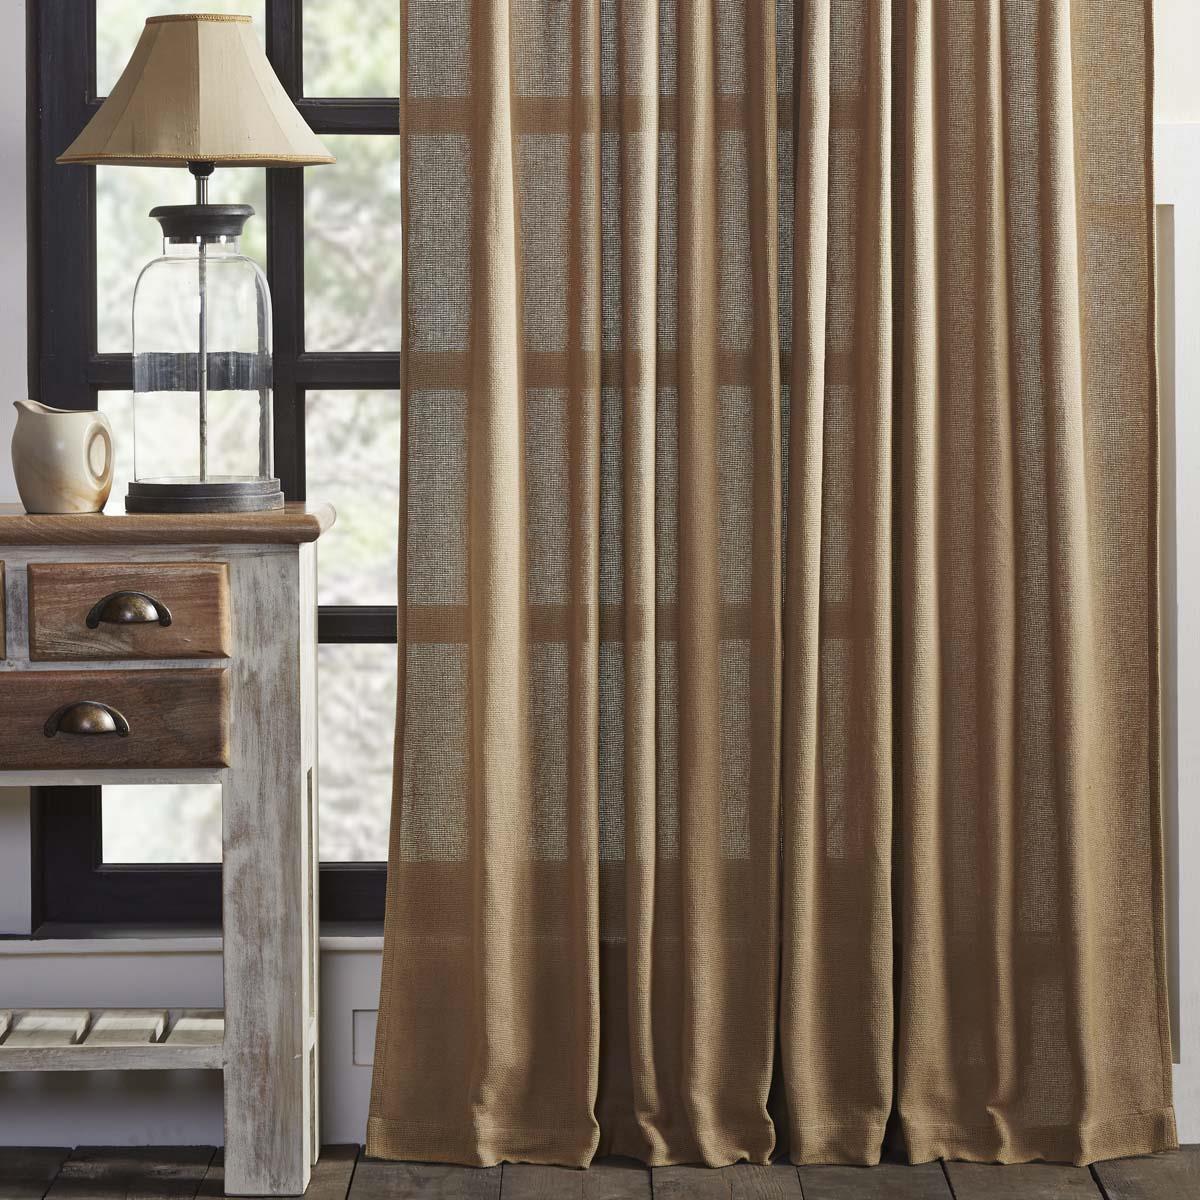 Burlap Curtains - 841985000636